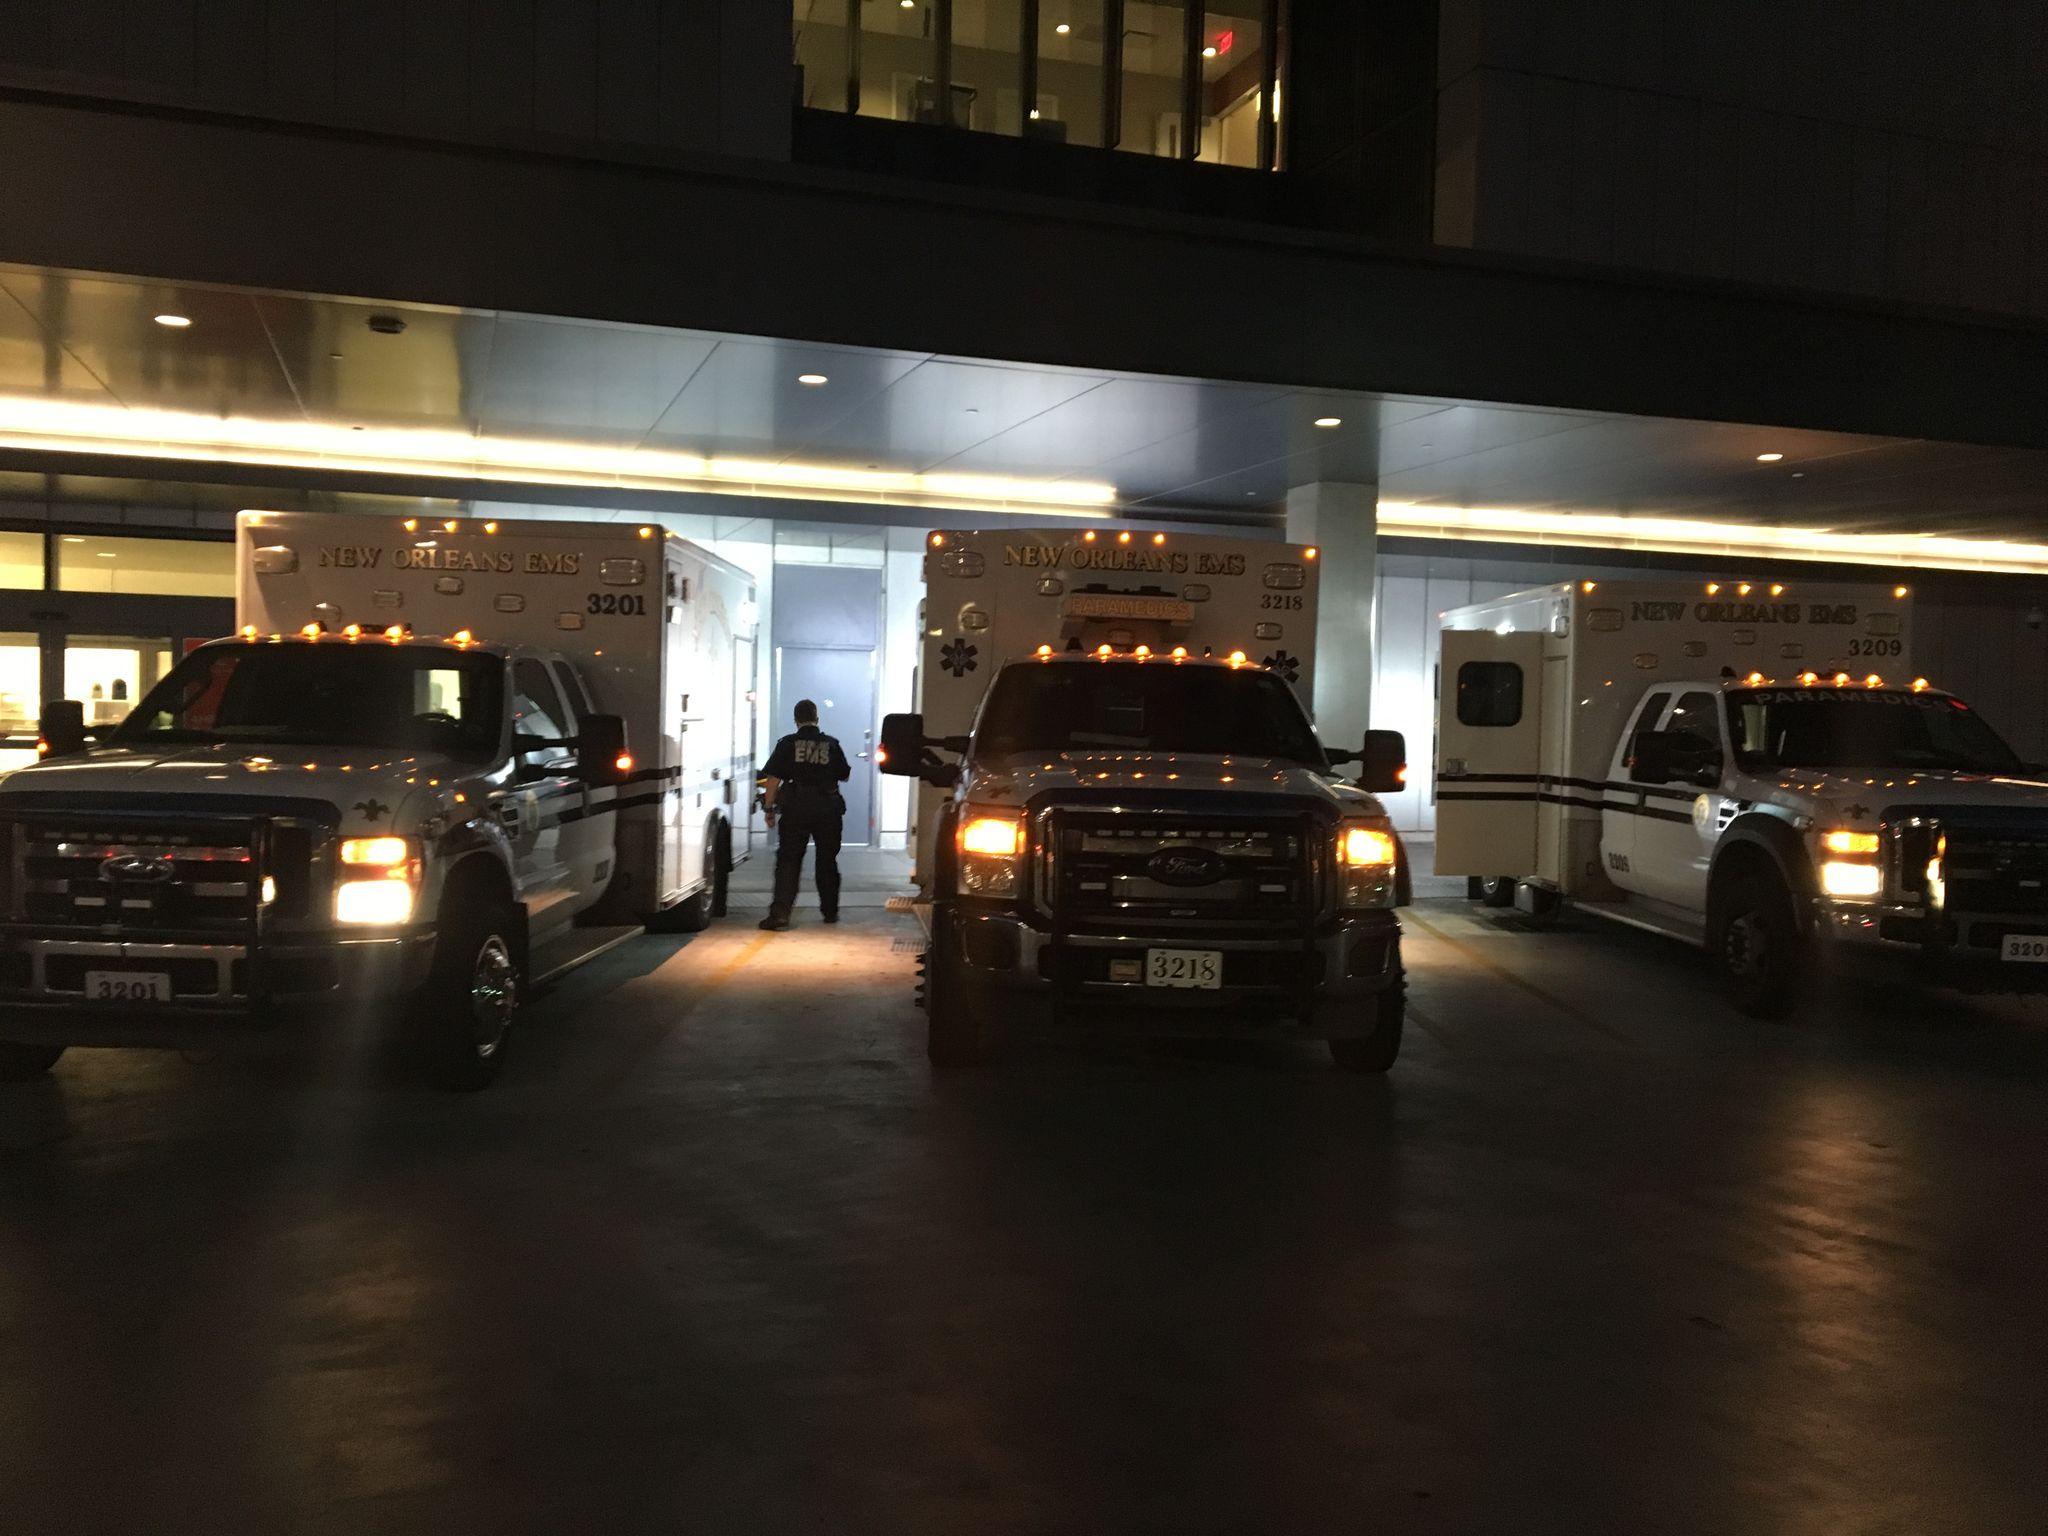 IMG 184035 Ambulancier : le site de référence EMS Nouvelle Orléans - Un ambulancier parmi les paramedics